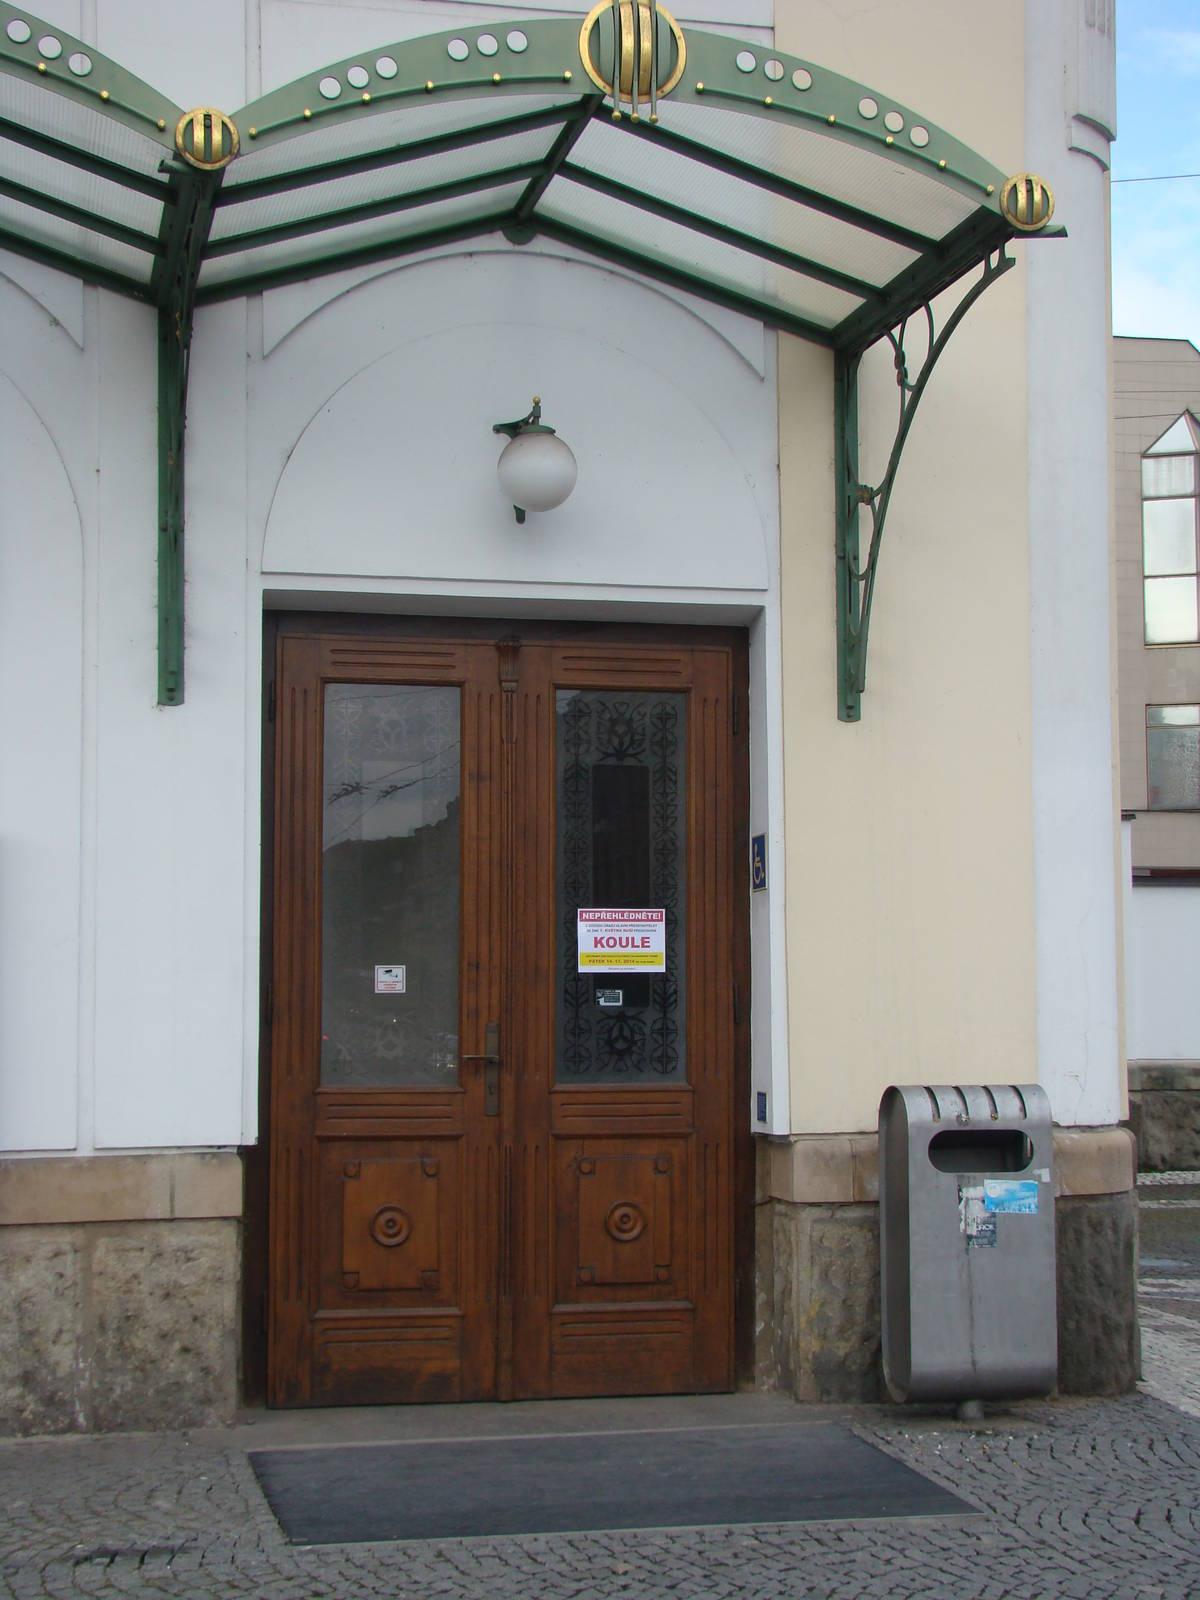 Malé pujcka pred vyplatou pro slovaky